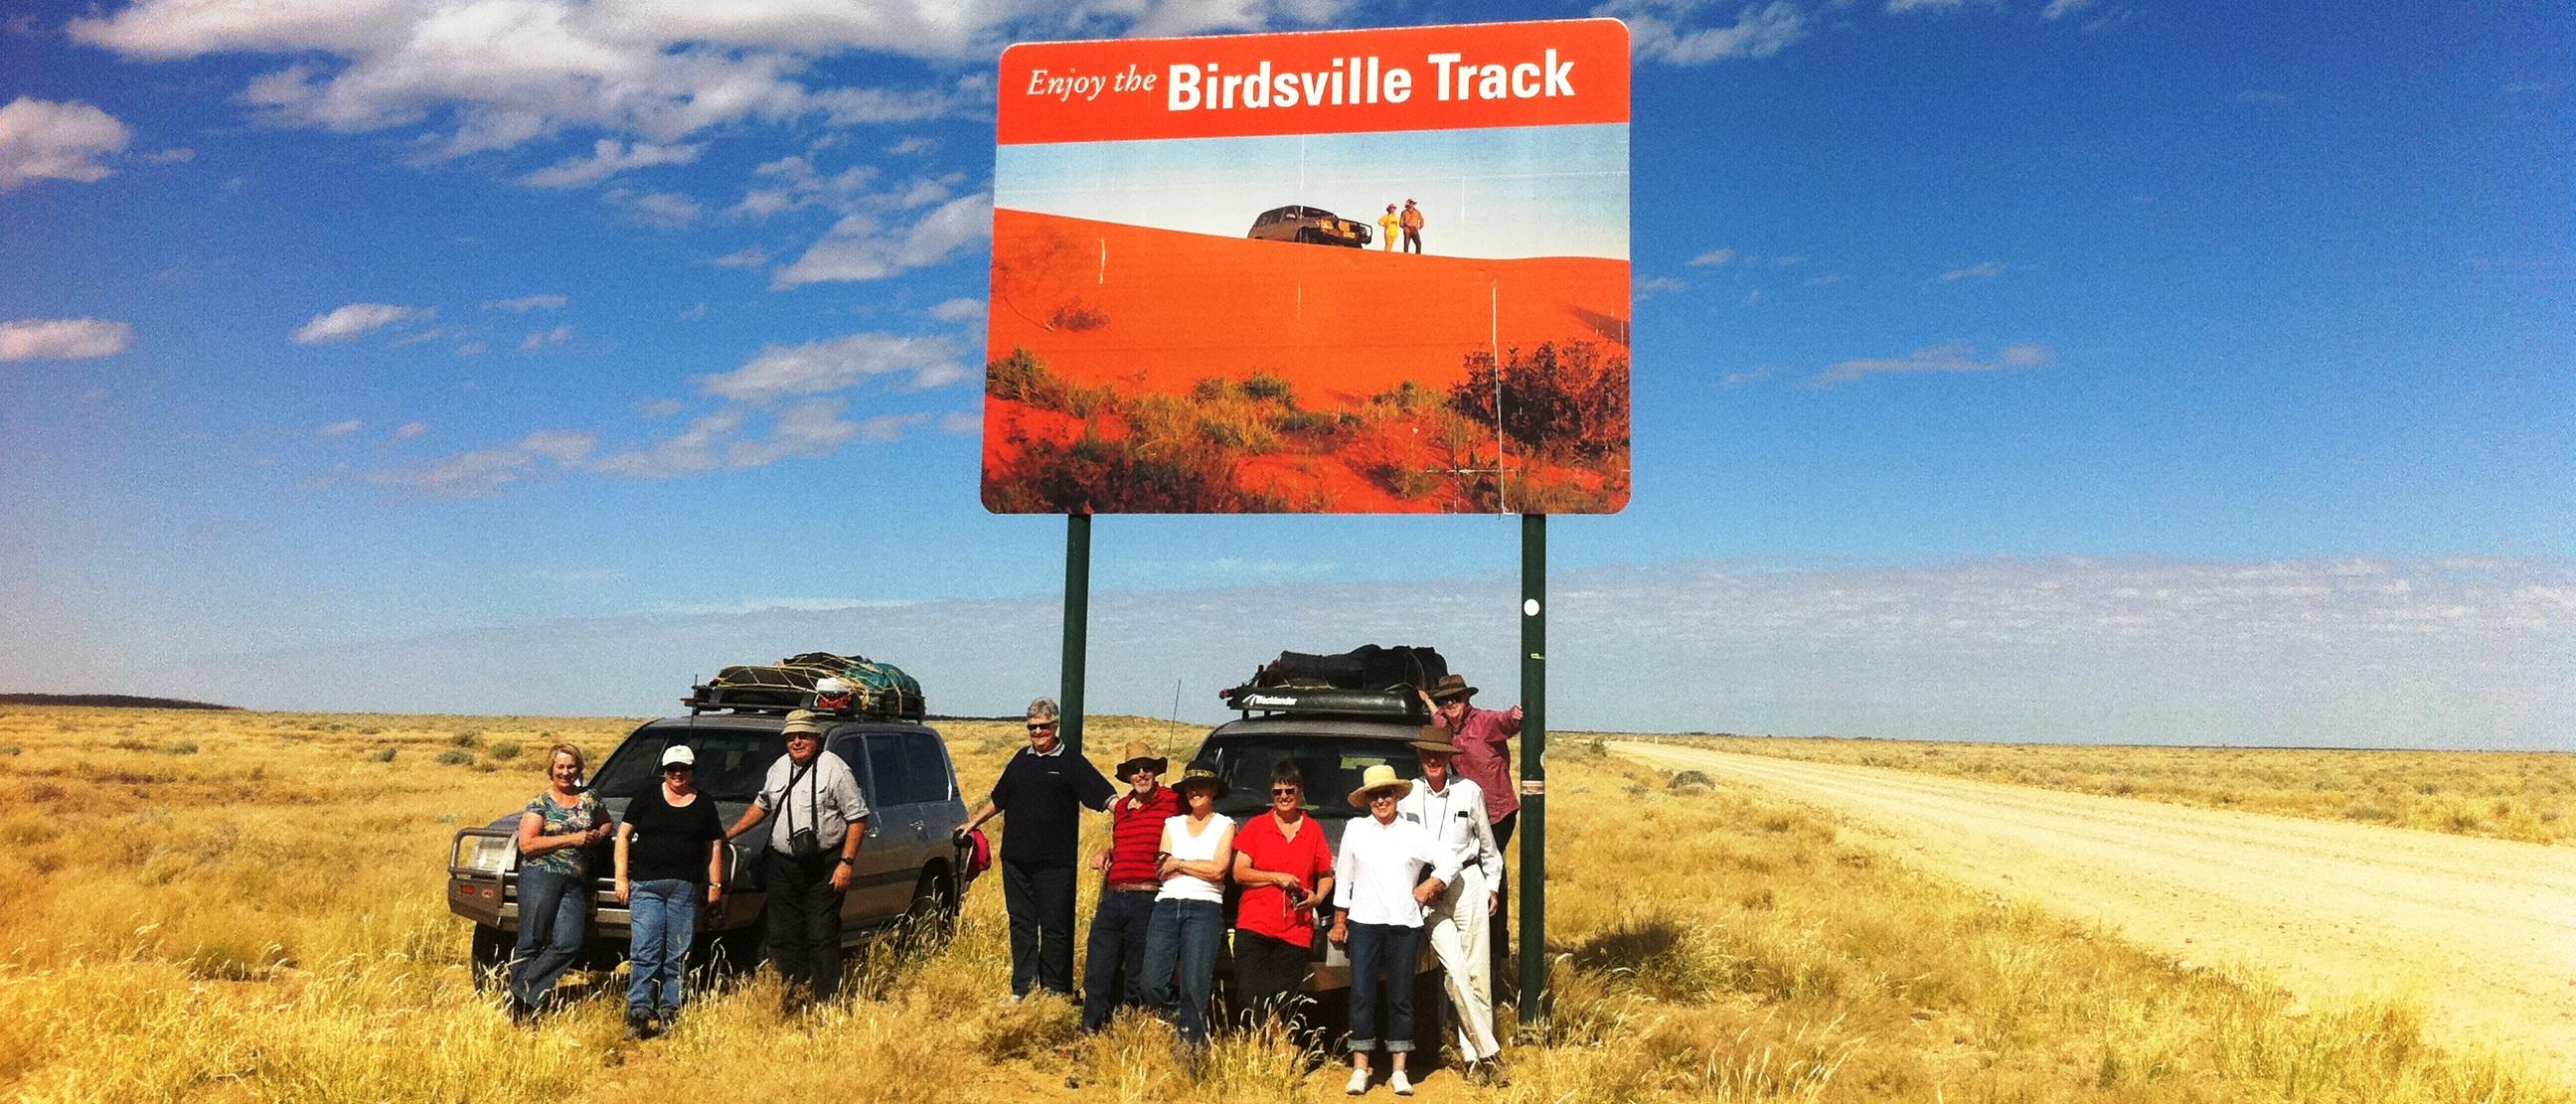 Birdsville Track Tour